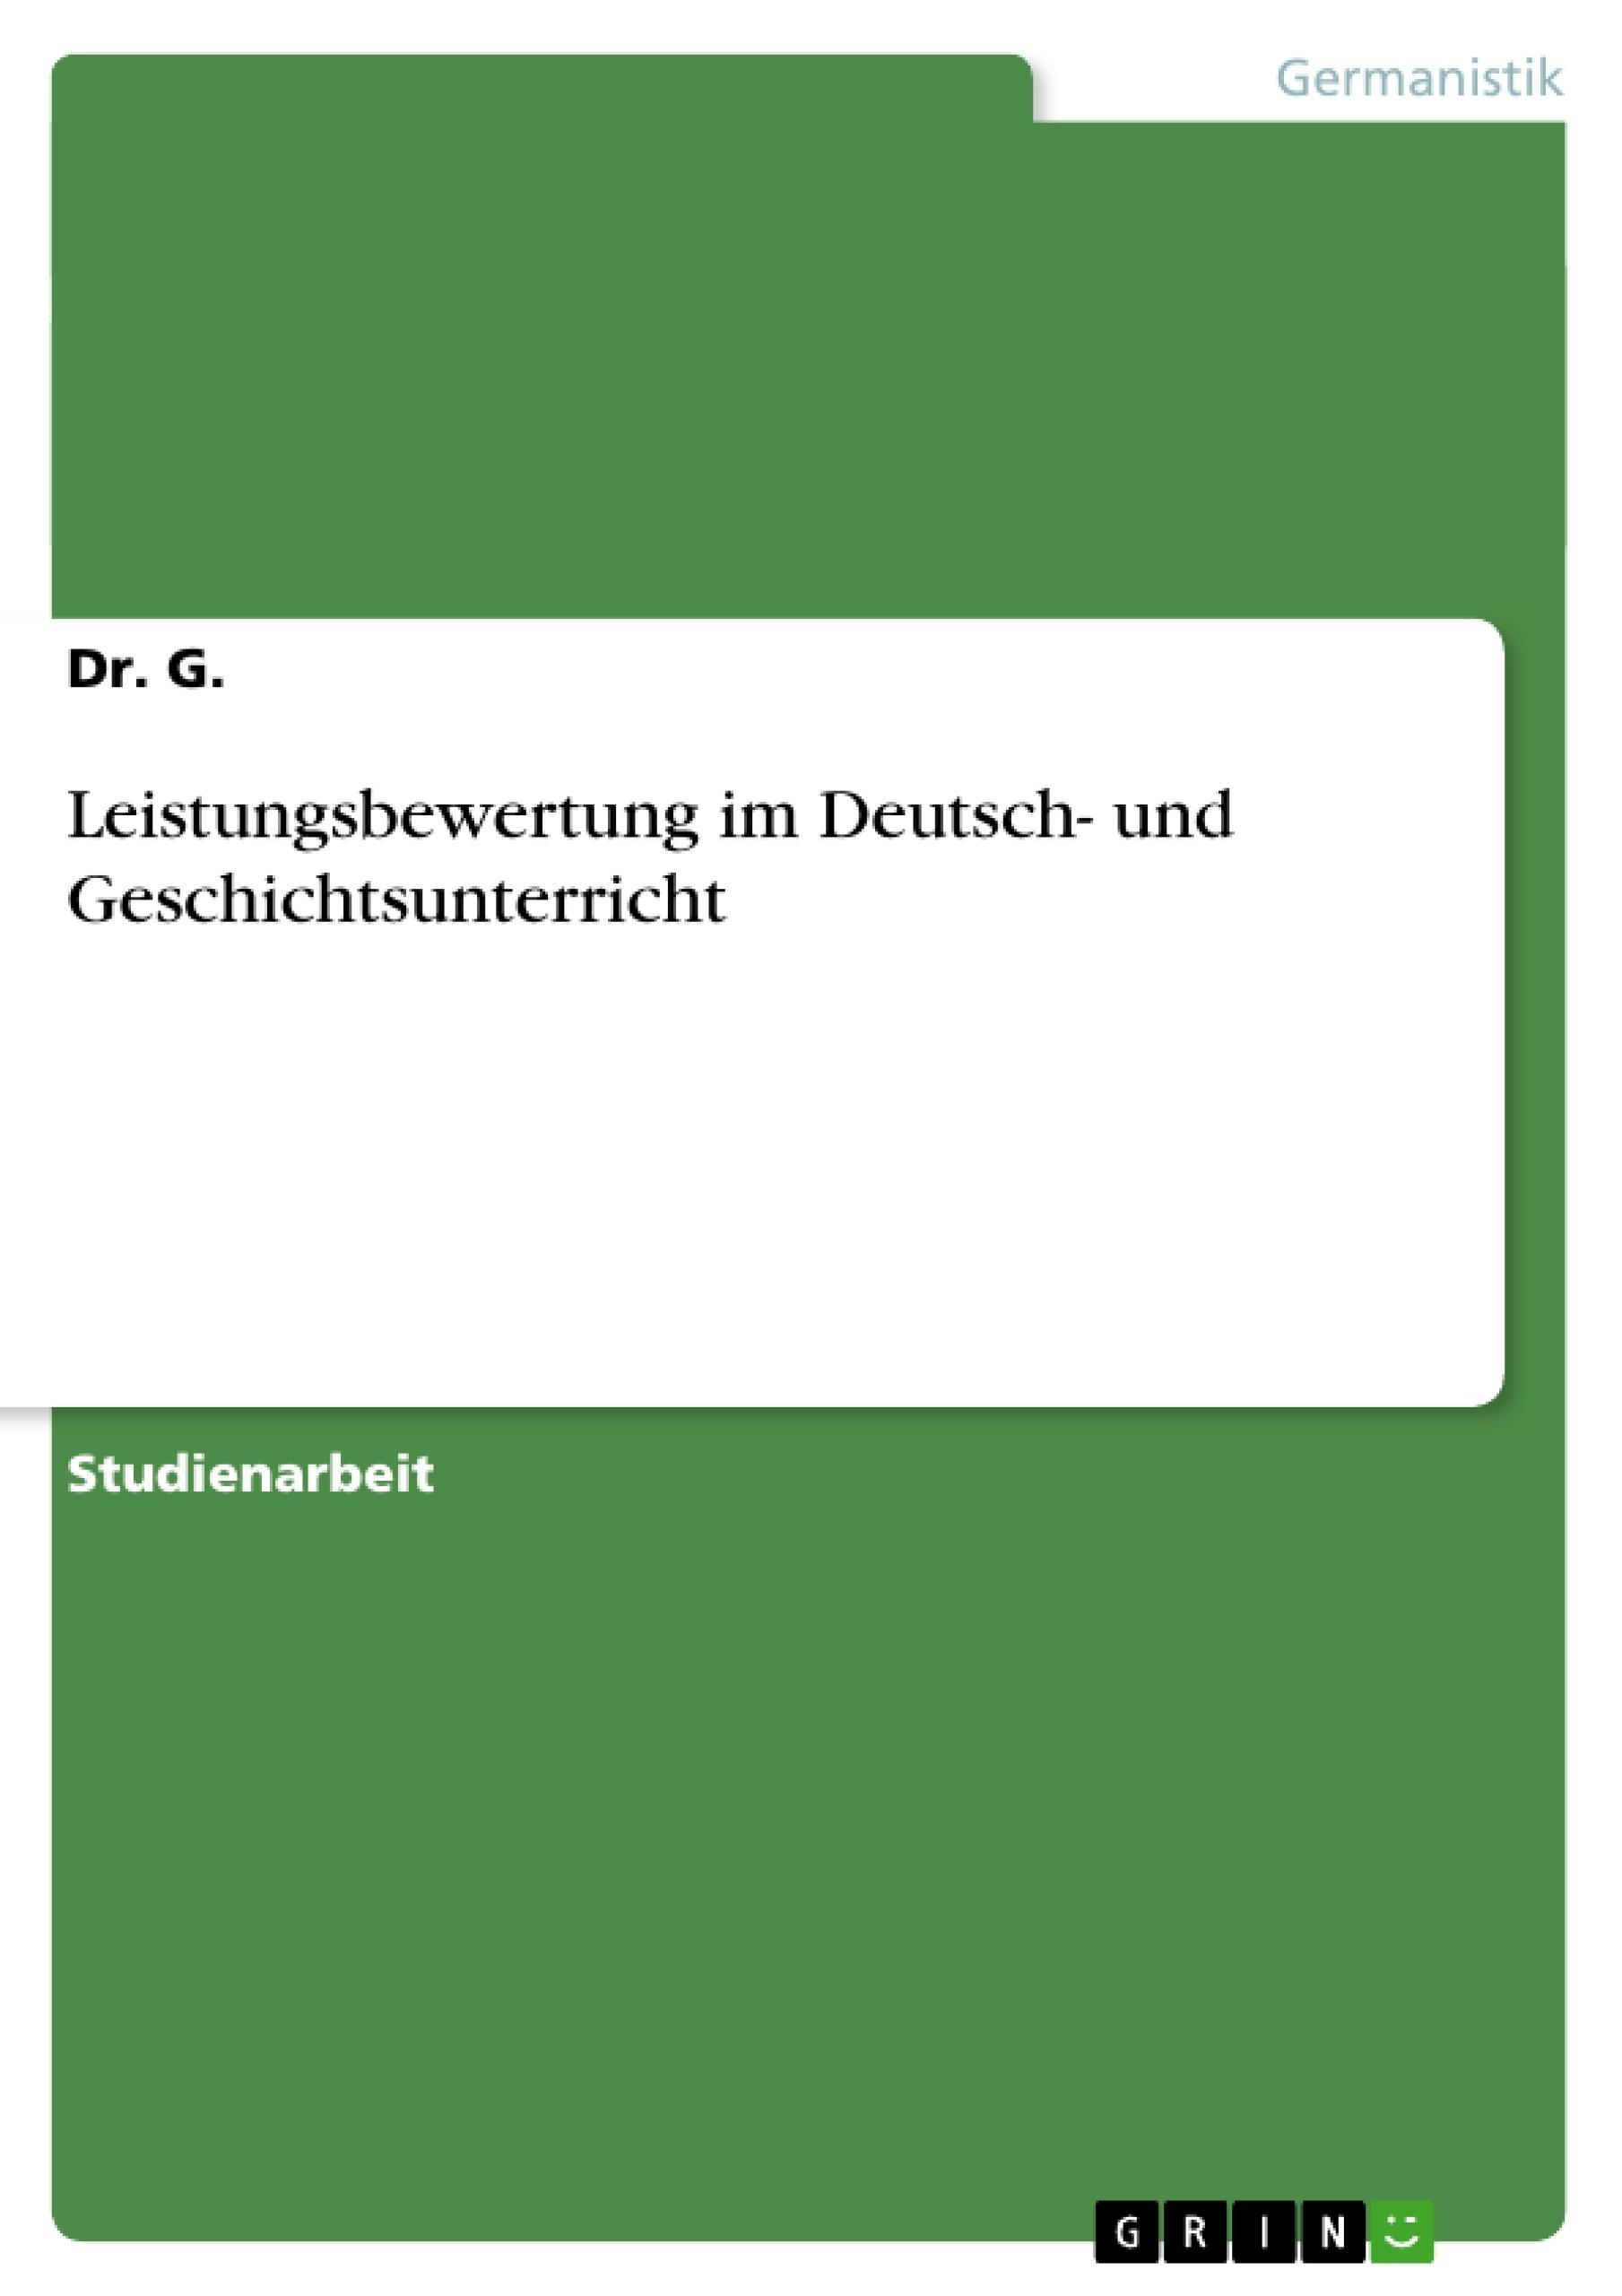 Titel: Leistungsbewertung im Deutsch- und Geschichtsunterricht